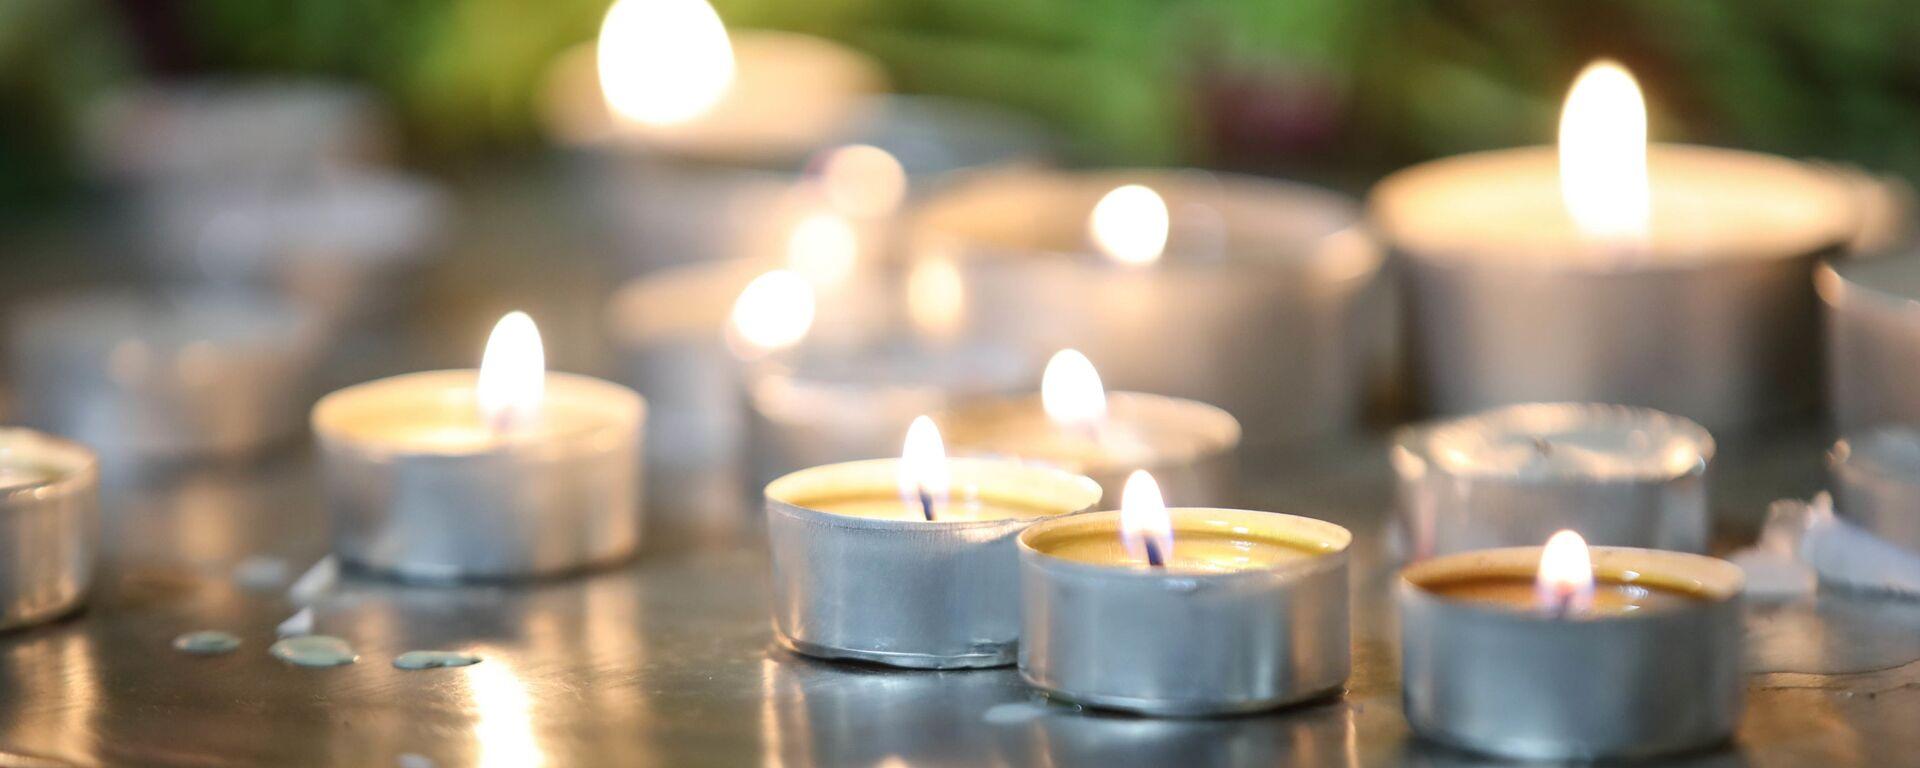 Горящие свечи на траурной акции памяти - Sputnik Грузия, 1920, 13.07.2021